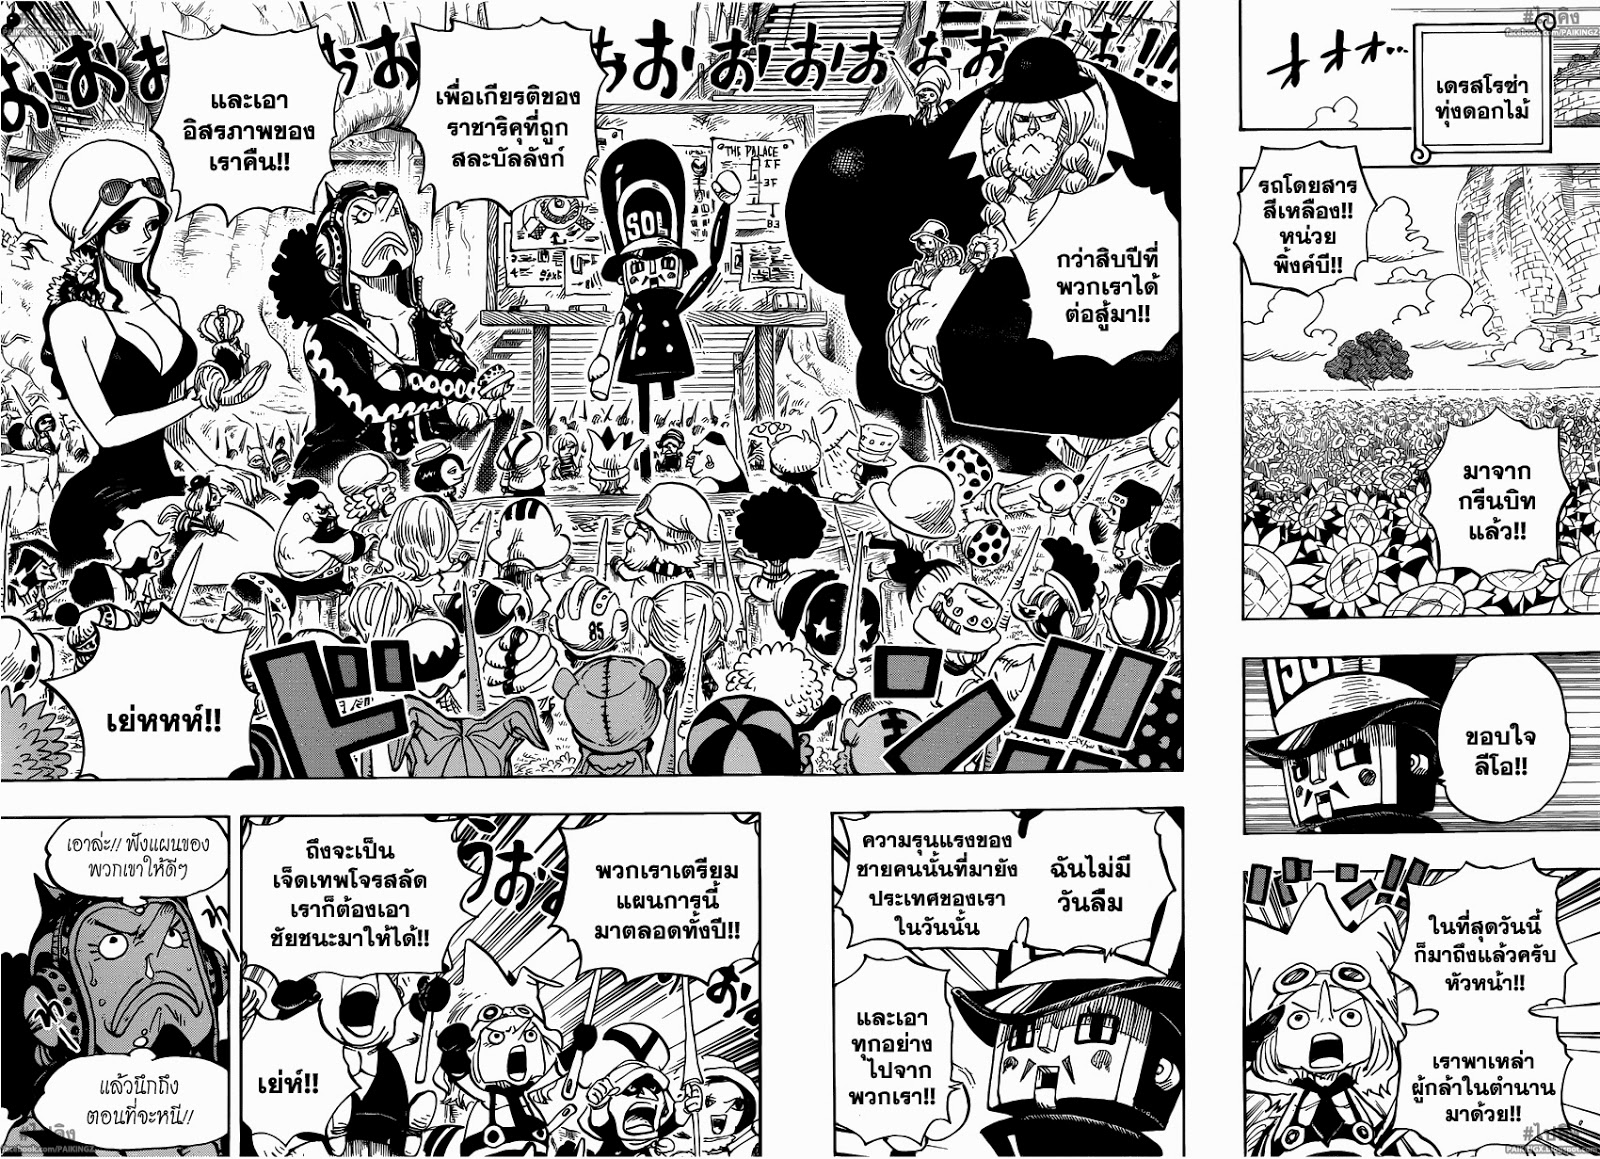 อ่านการ์ตูน One piece722 แปลไทย สายเลือดราชวงศ์